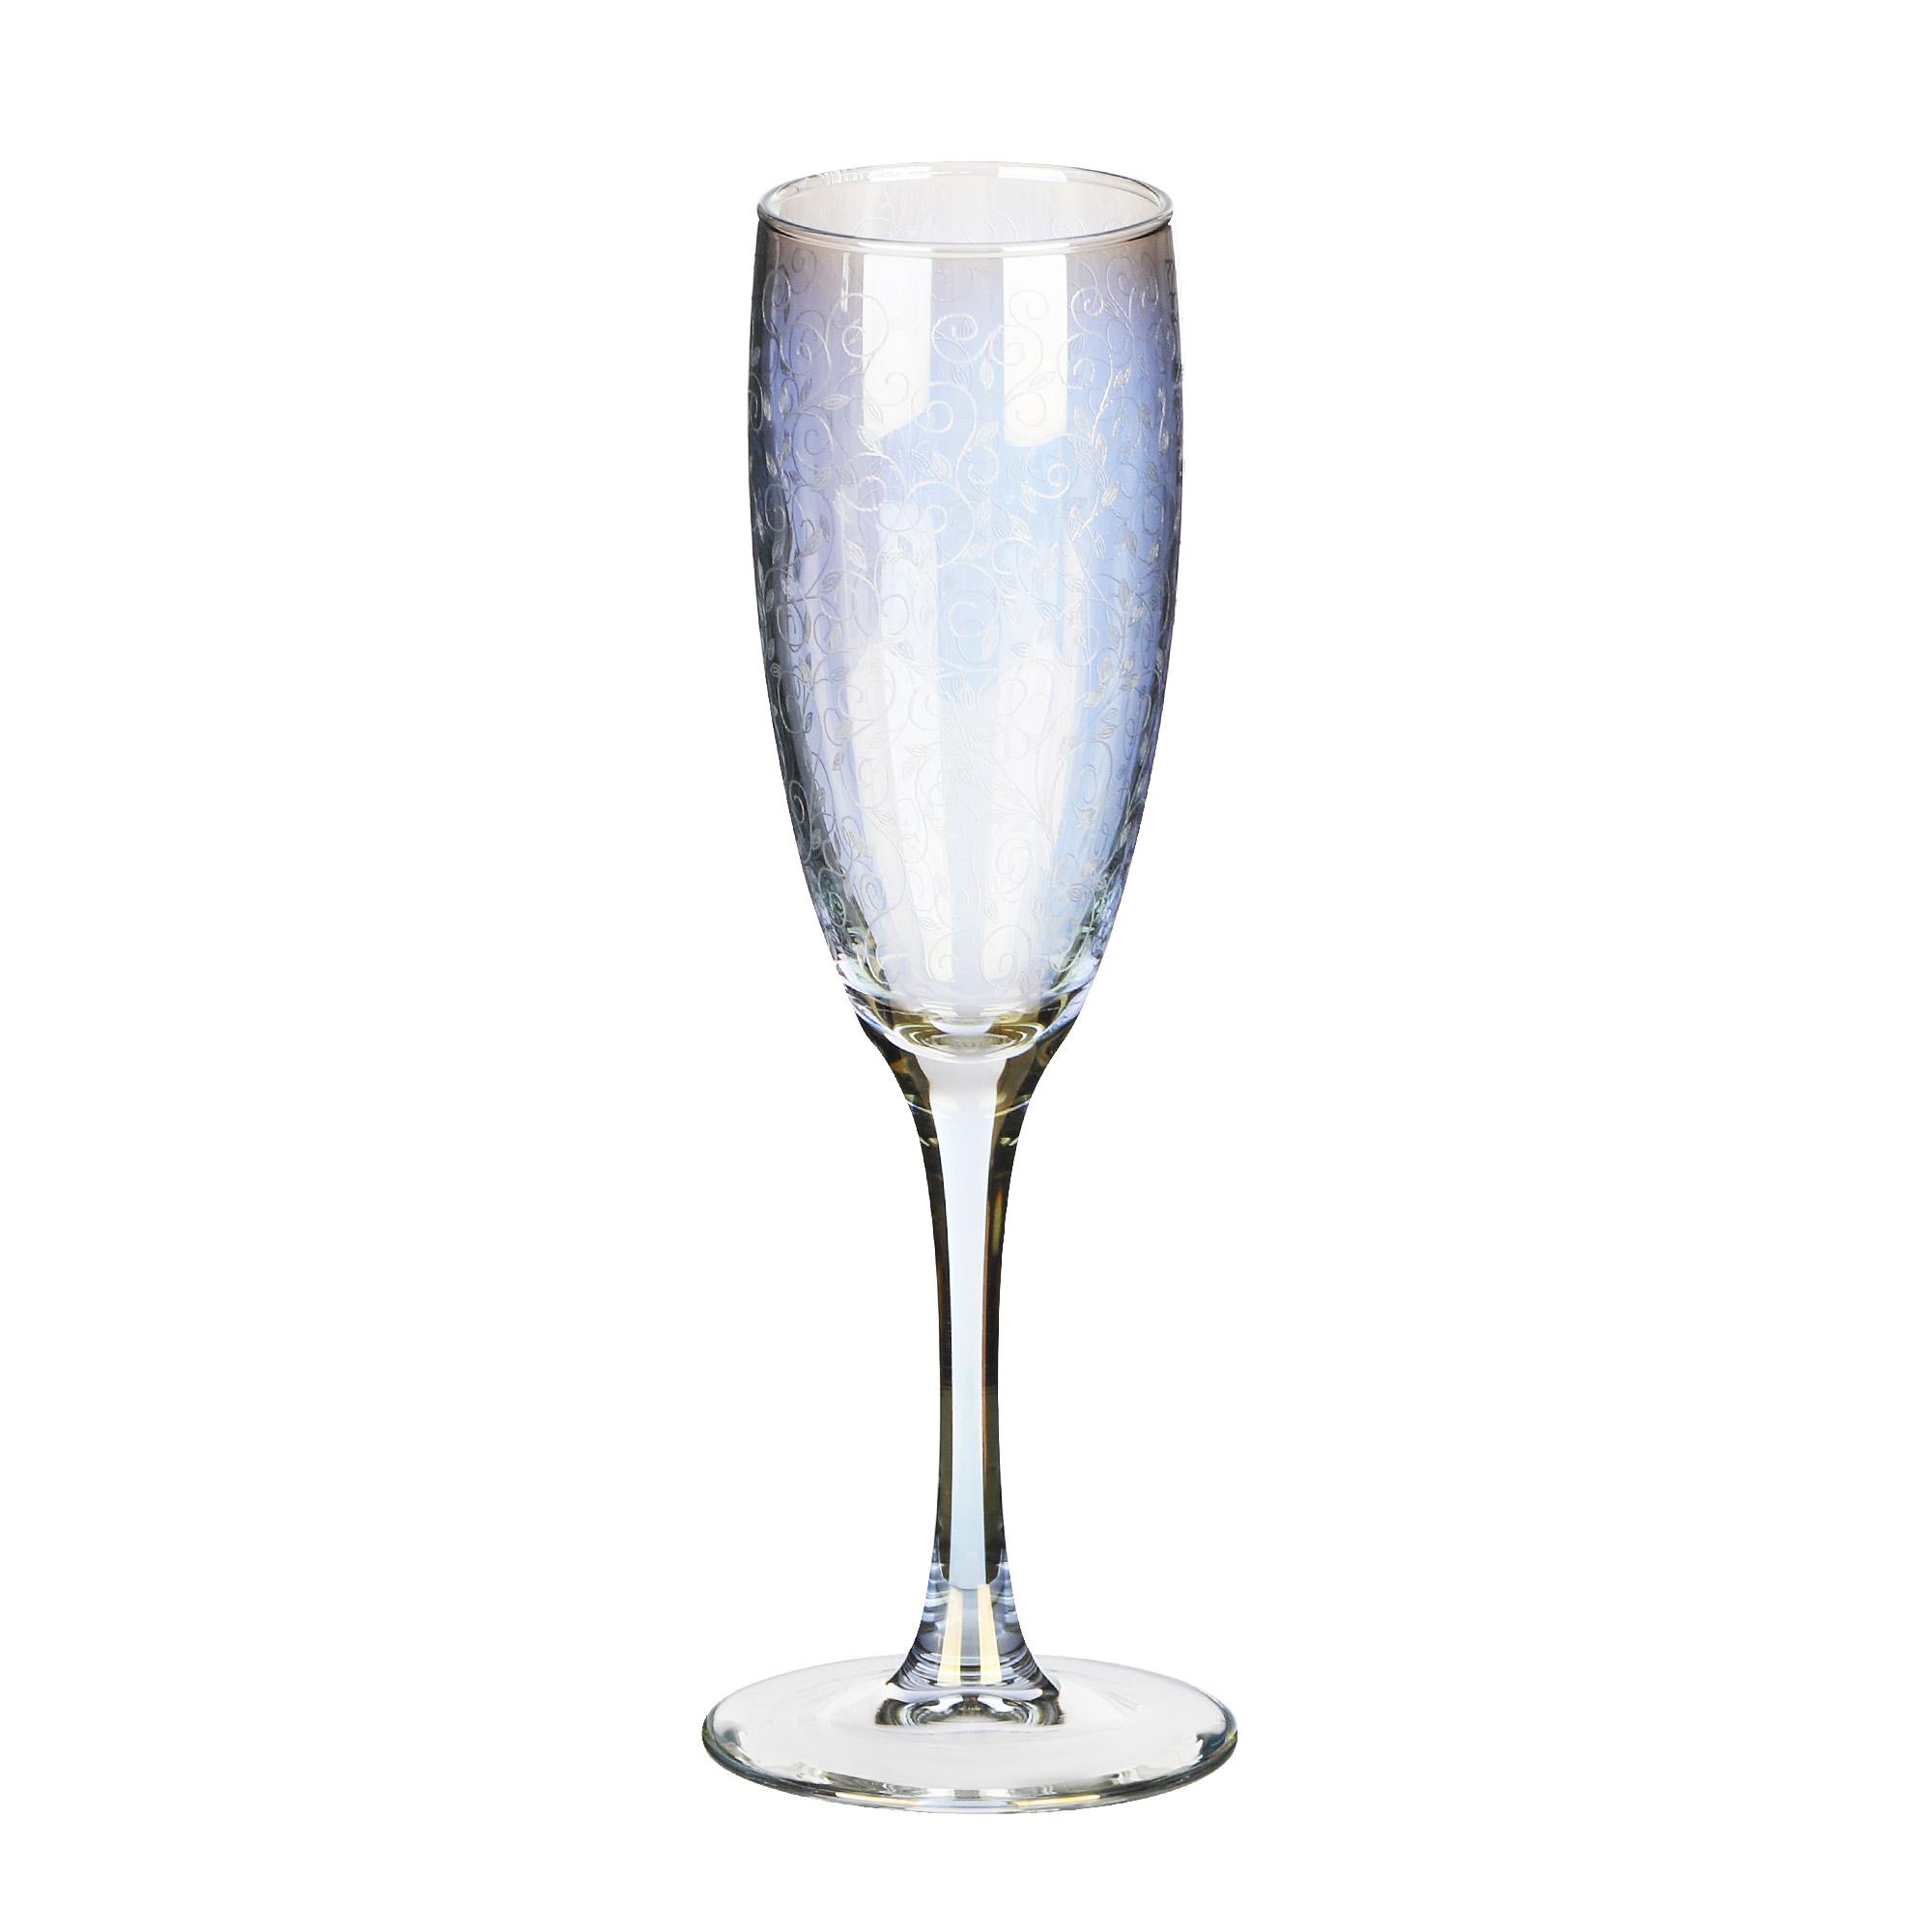 Набор бокалов Glasstar Весенний 170 мл 6 шт набор стаканов glasstar графитовый омбре 310 мл 6 шт